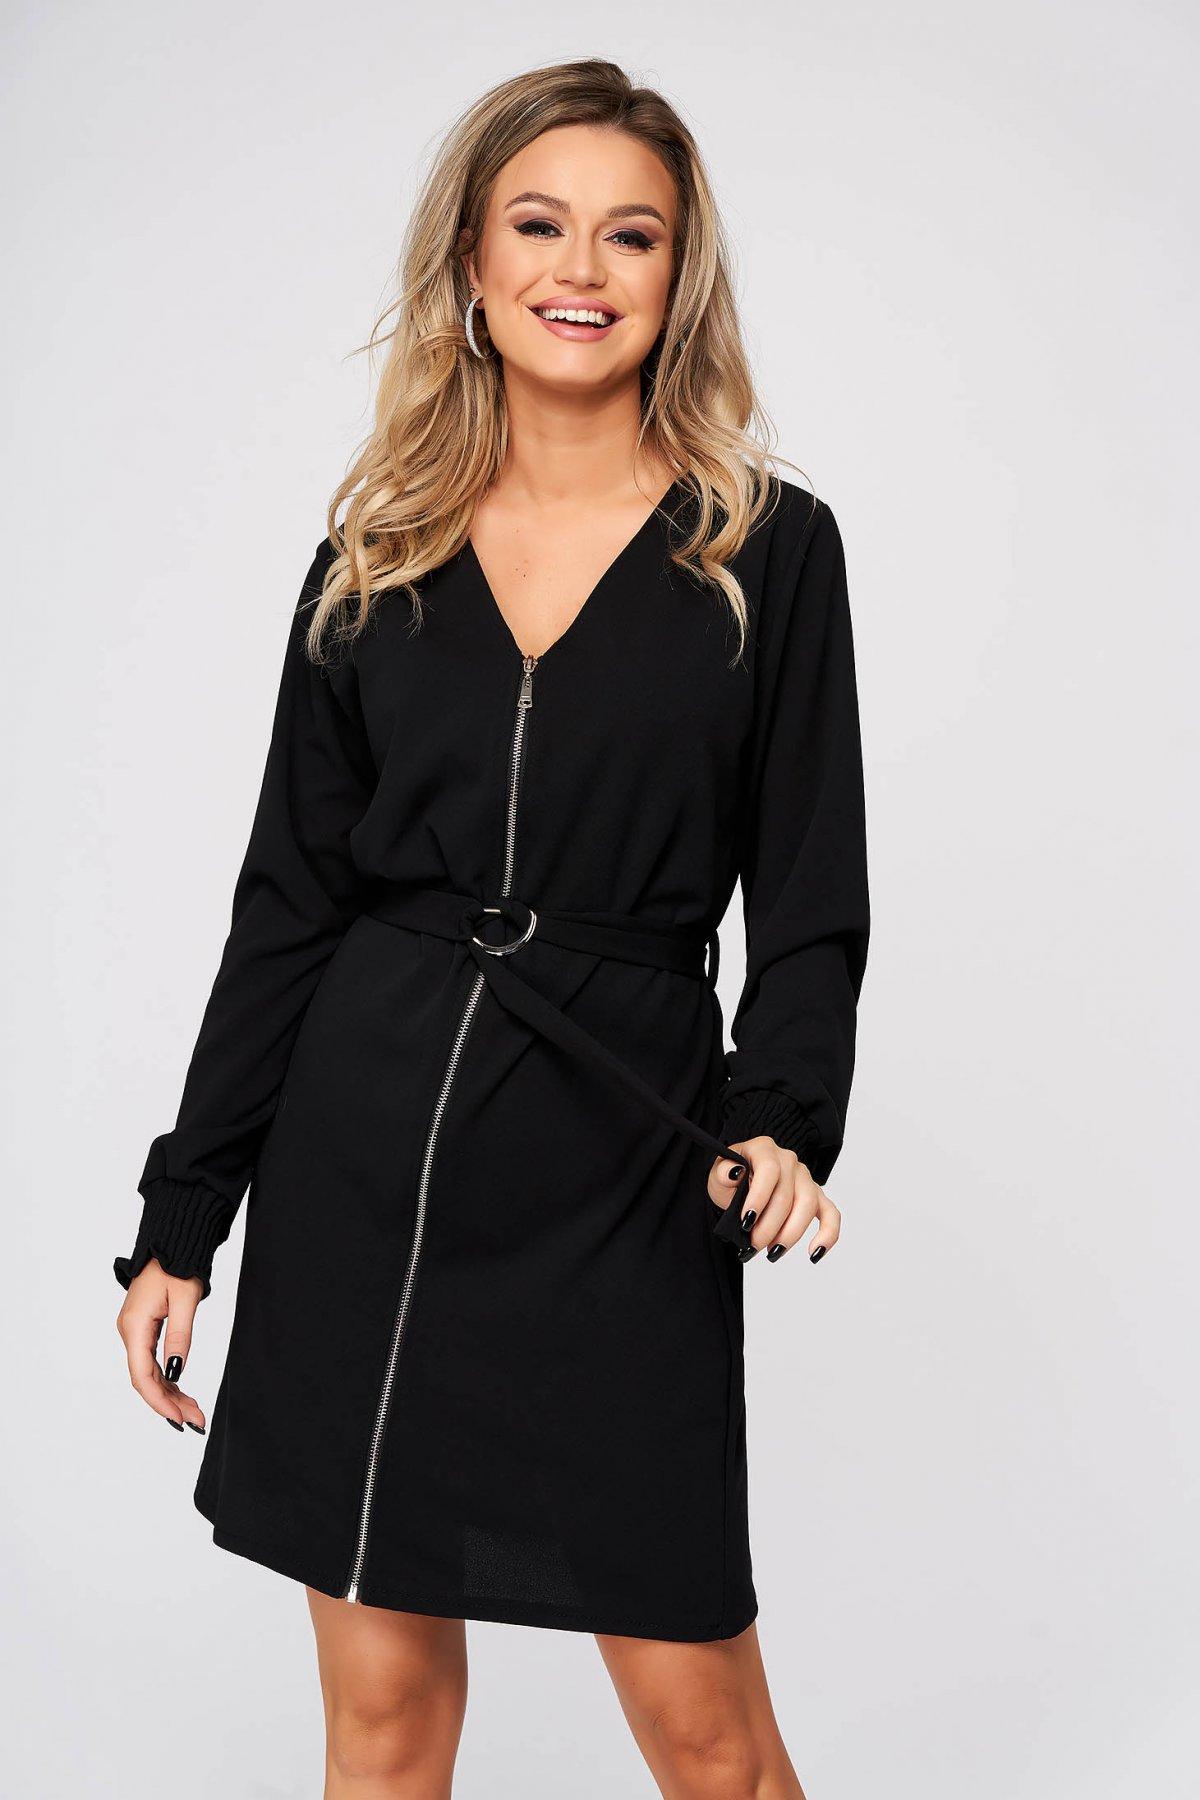 Rochie SunShine neagra de zi cu un croi drept cu decolteu in v accesorizata cu cordon